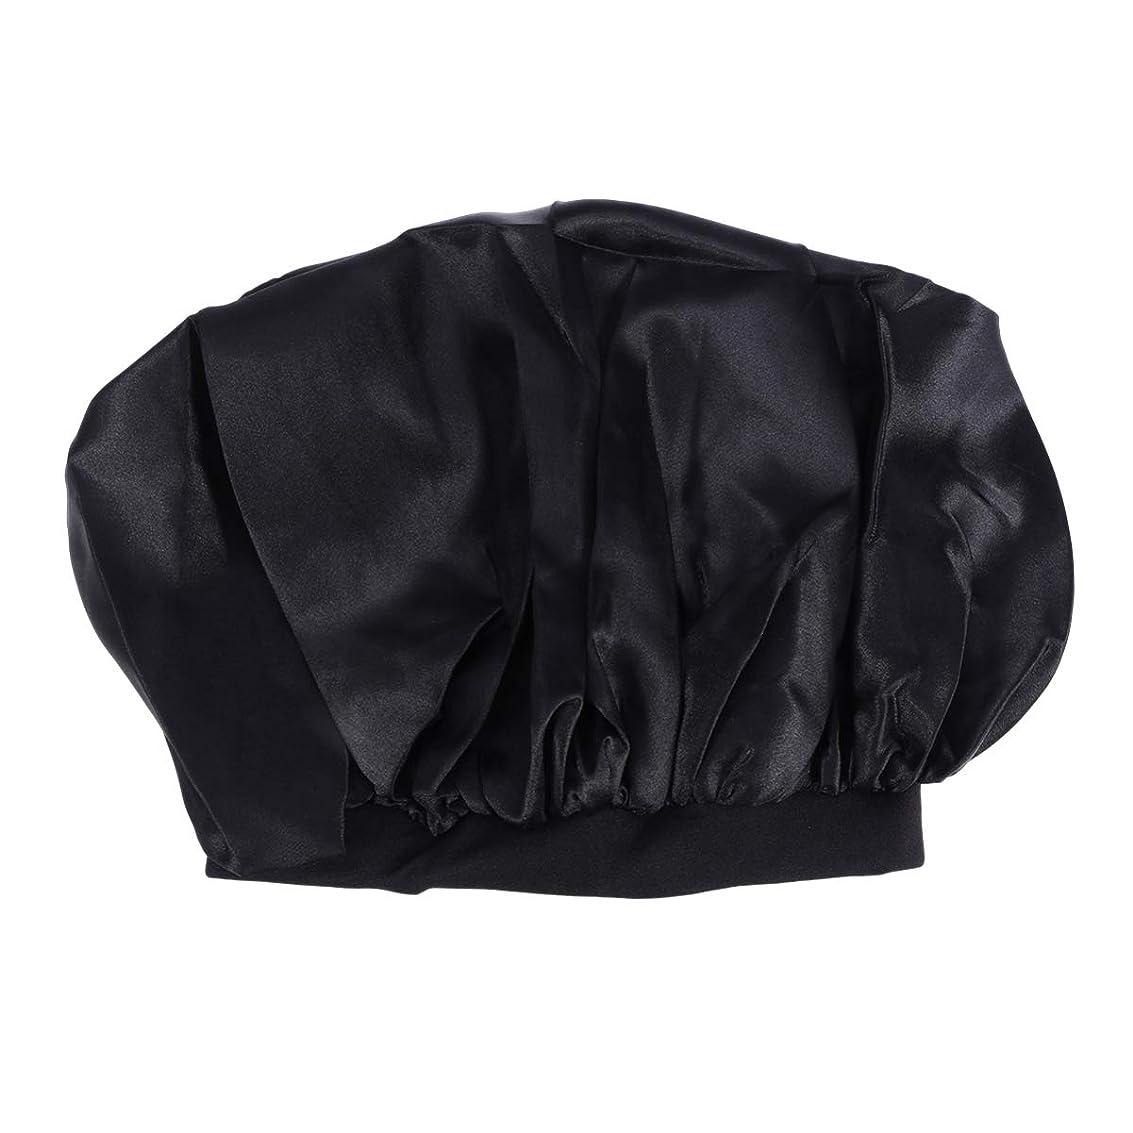 ドーム卒業わずかにHealifty スリープキャップシャワーキャップ(黒)